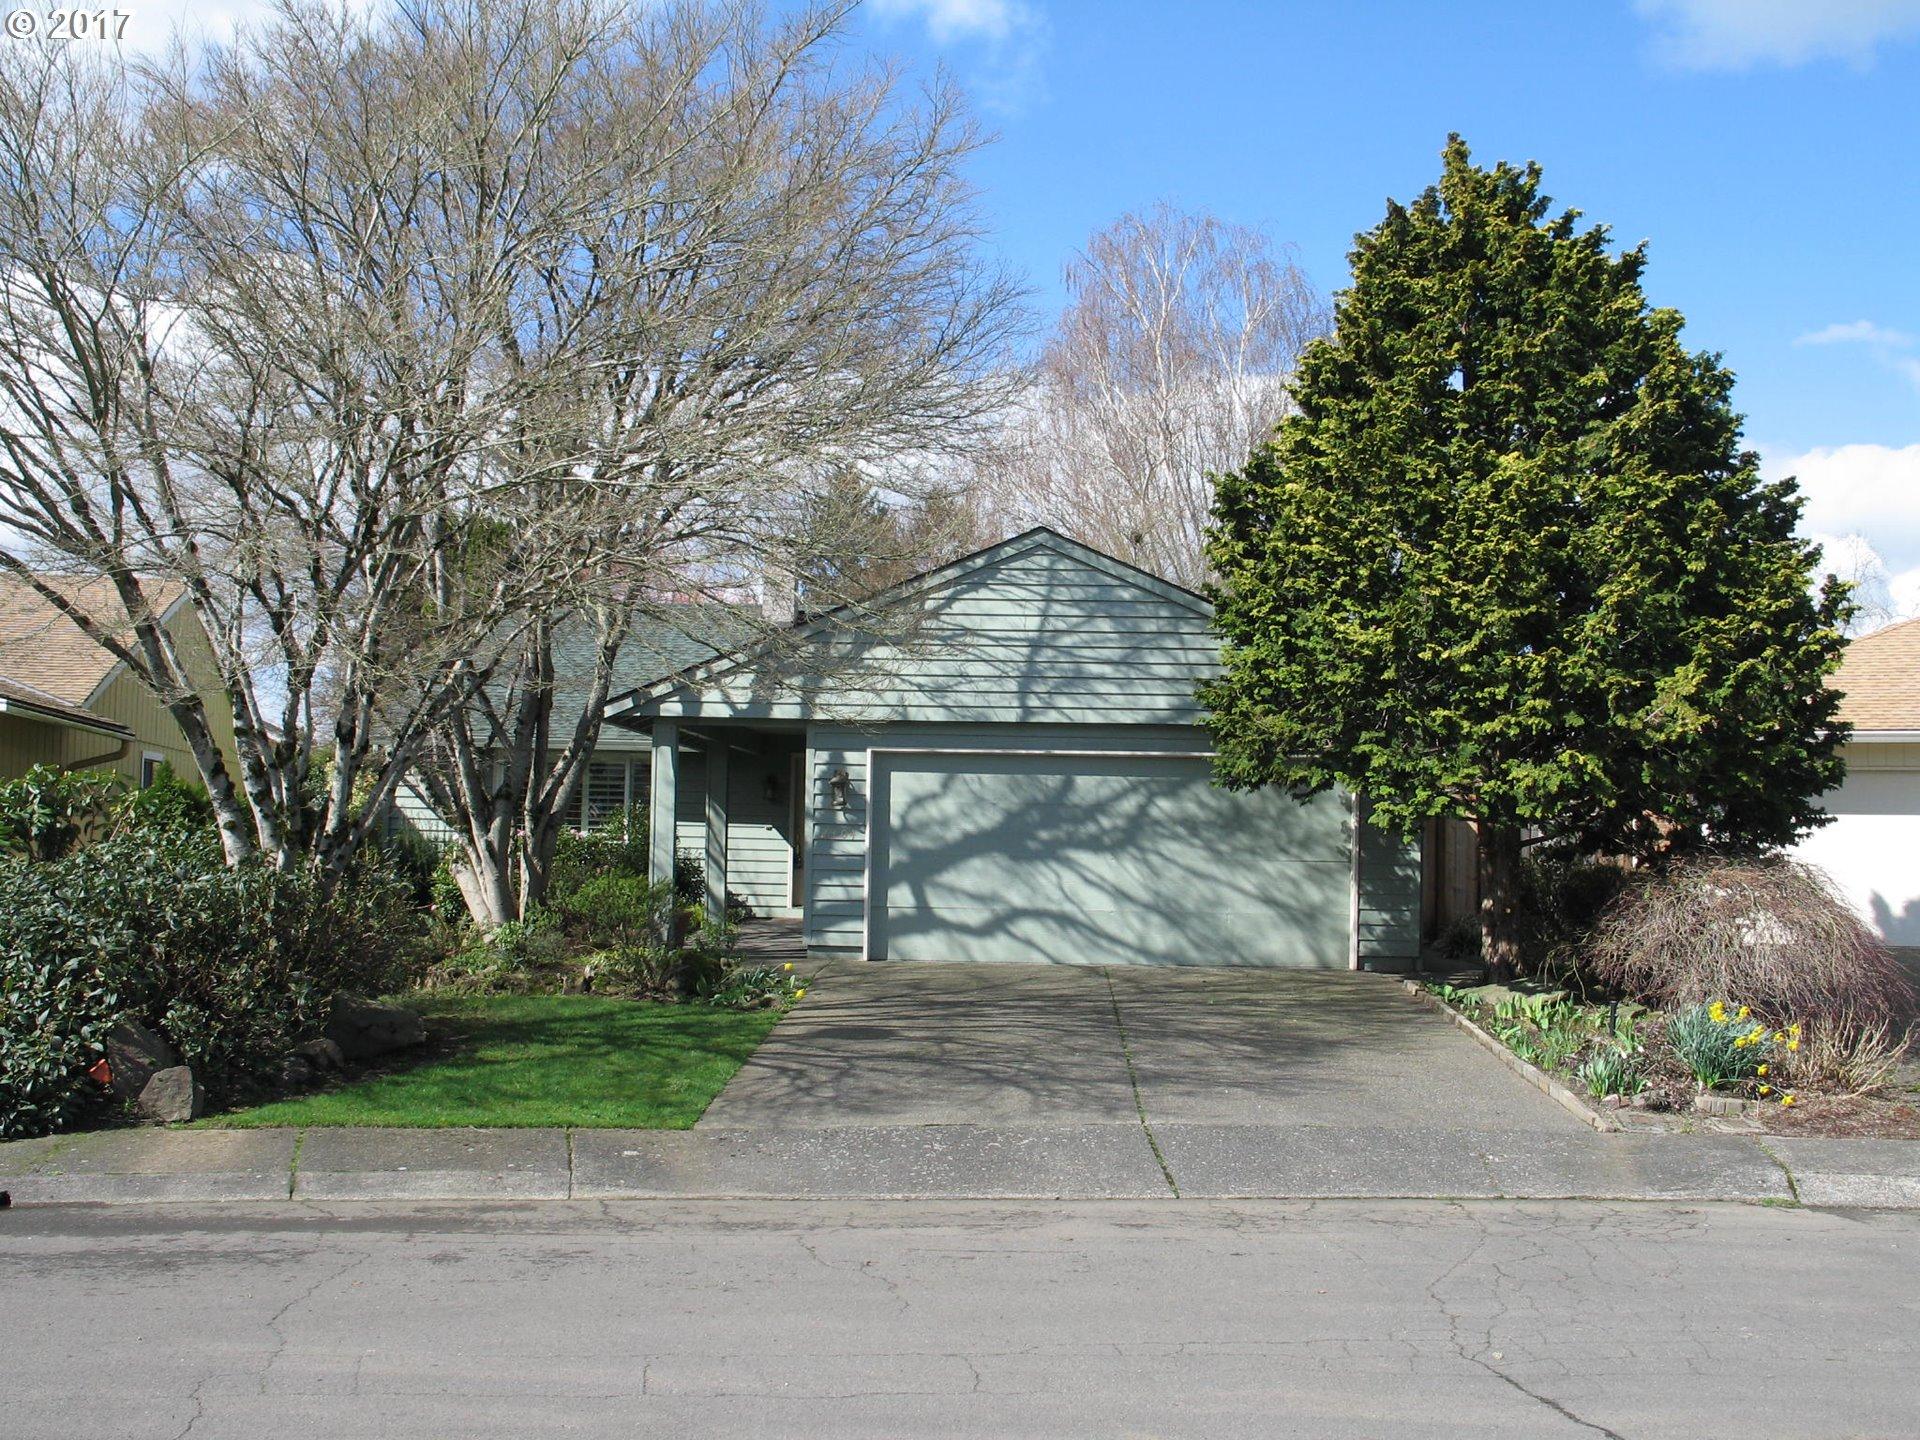 2304 SE BALBOA DR, Vancouver, WA 98683